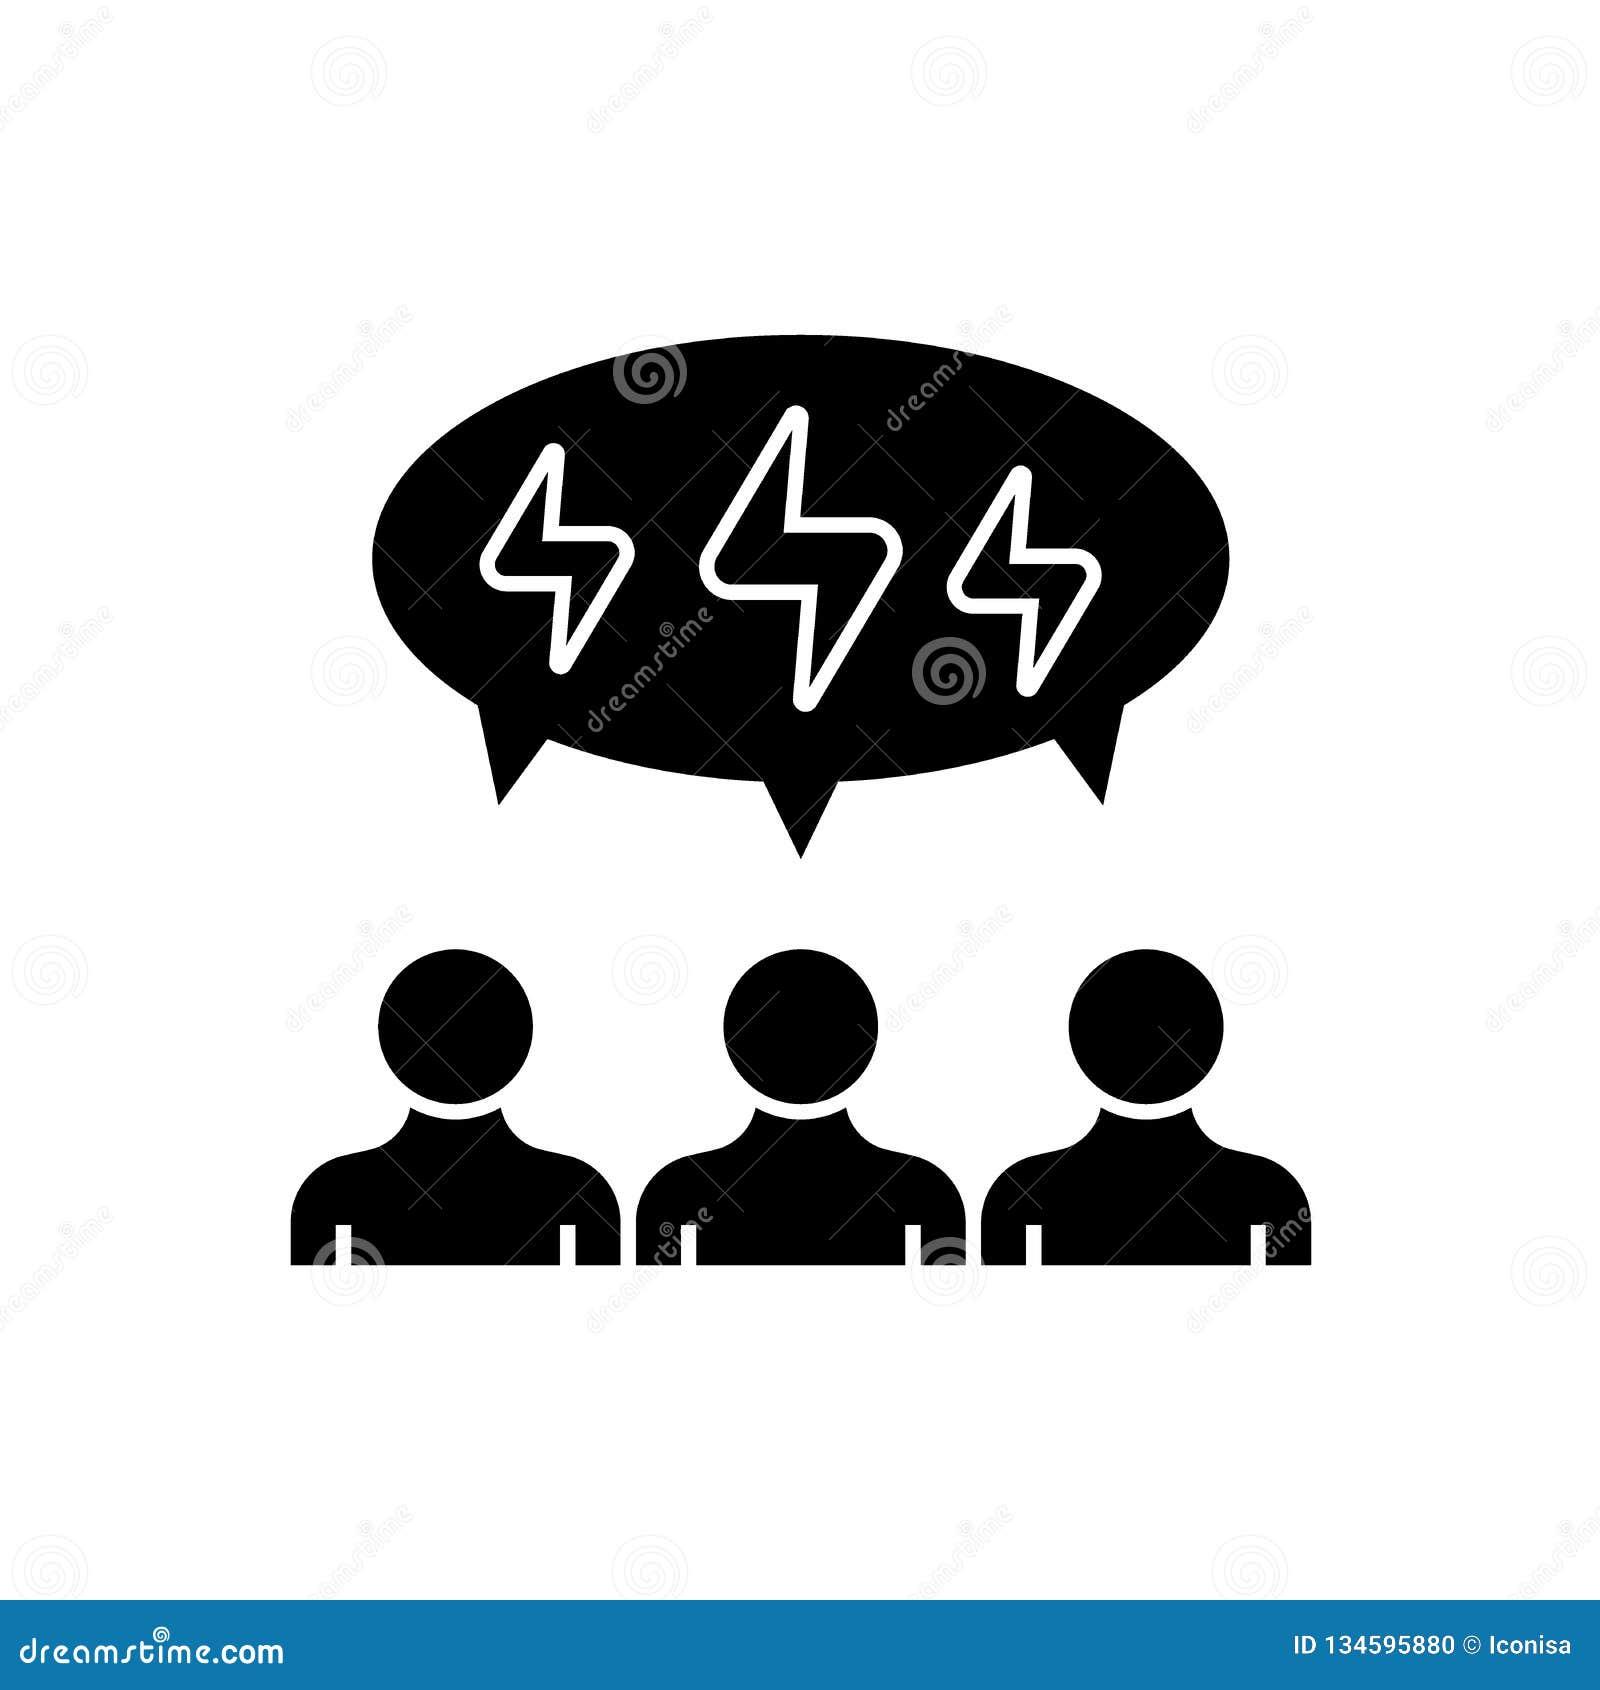 Brainstorming ludzi czarnej wektorowej pojęcie ikony Brainstorming ludzi płaskiej ilustracji, znak